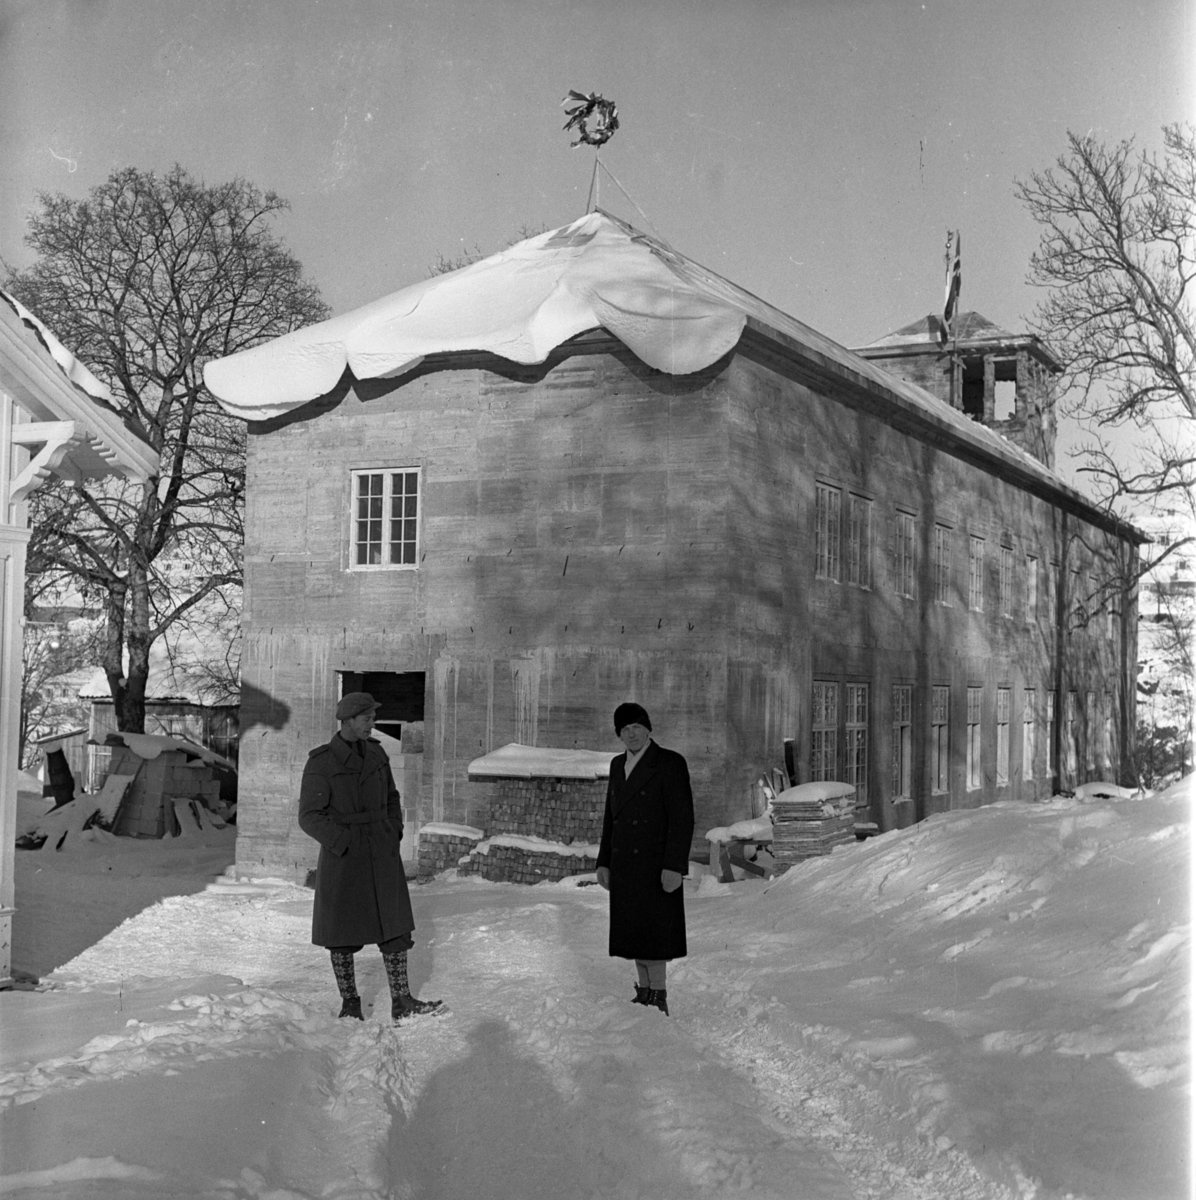 Aust-Agder-Museets første byggetrinn  - senere arkivfløy  Kranselag. Vinter med snøl. I forgrunnen Albert Ugland og Allan Johnsen. Mennene er kledd i vinterfrakk. Knestrømper og beksømstøvler.